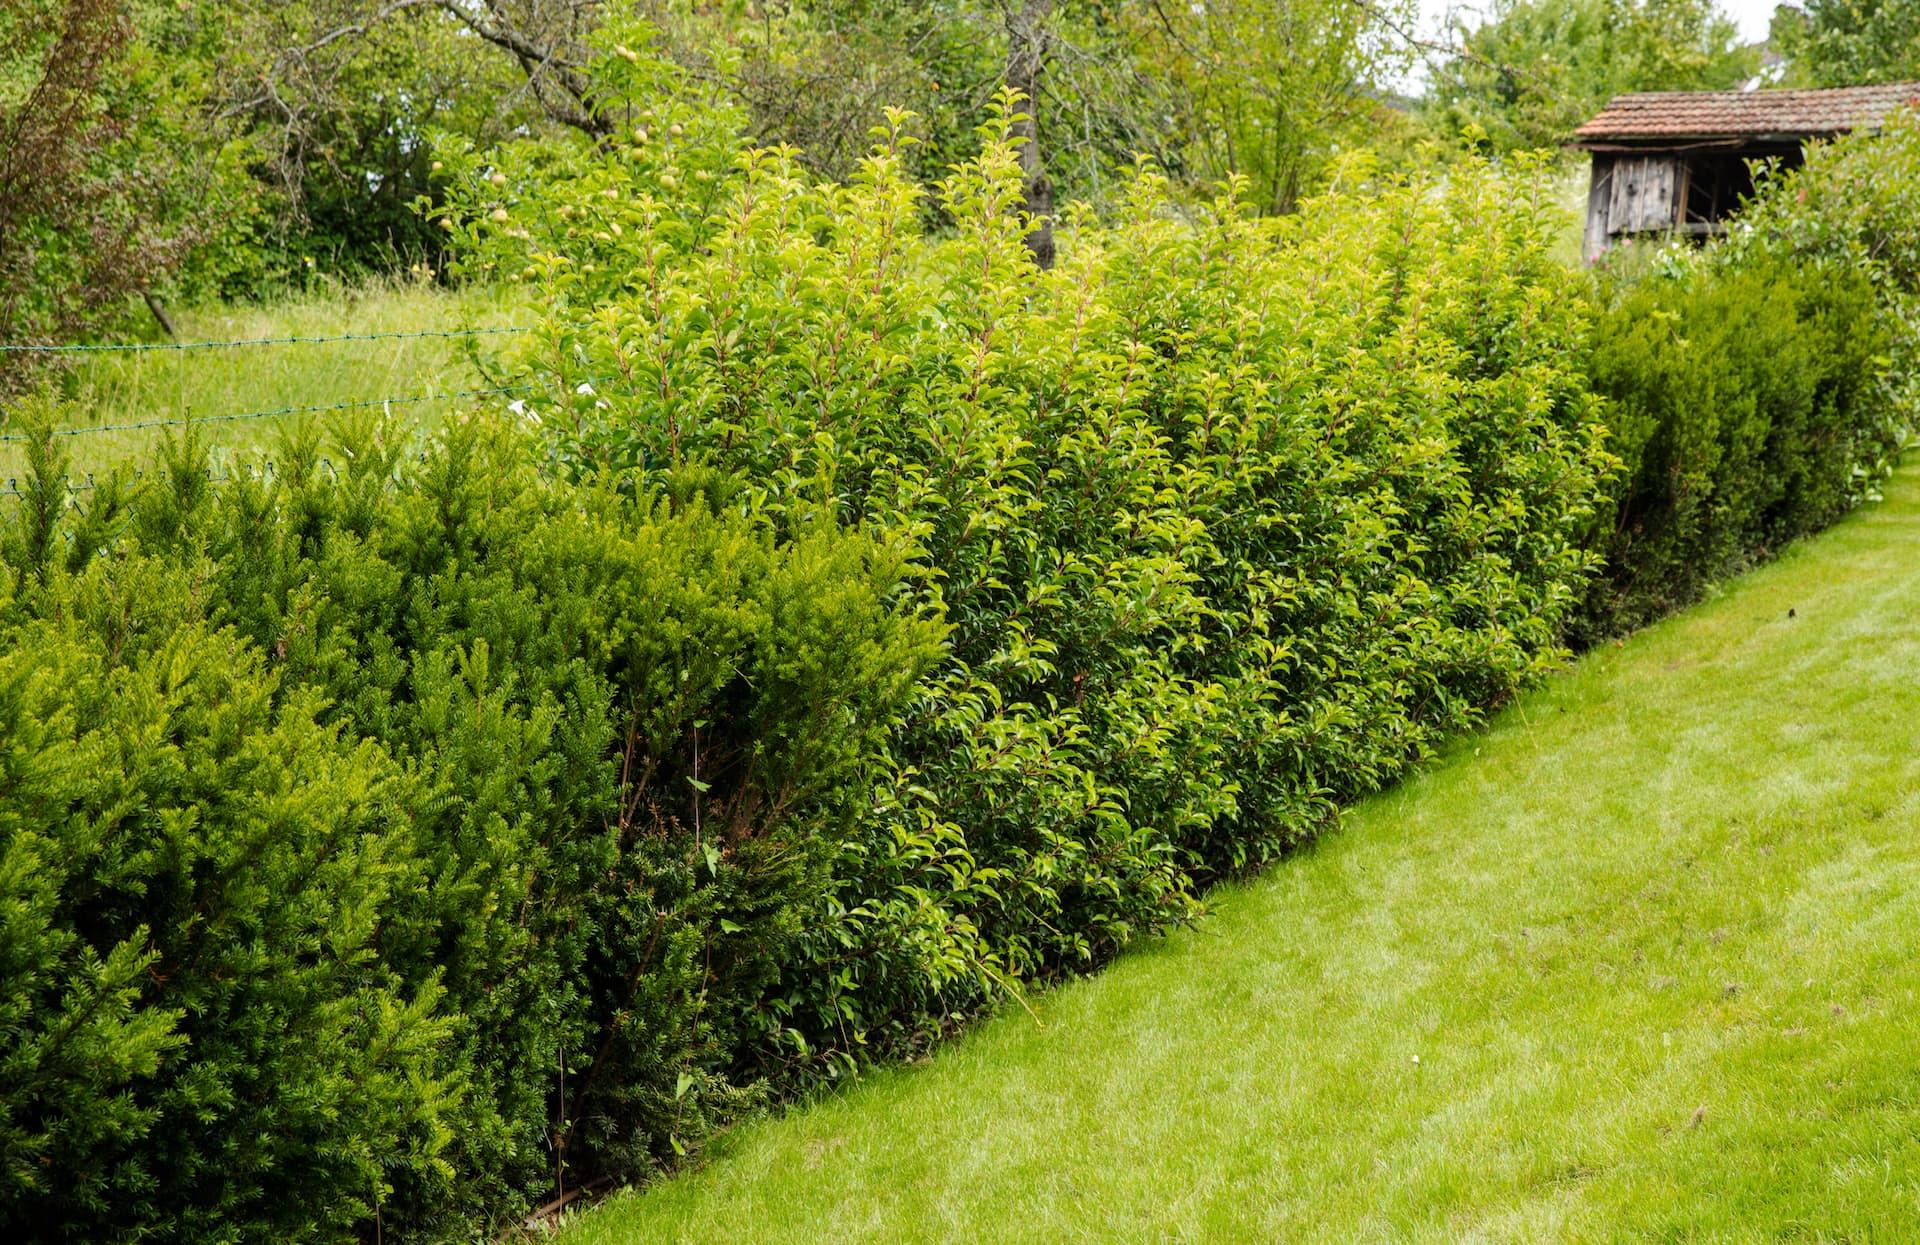 Grenzbepflanzung nach vorheriger Entfernung von Altpflanzen